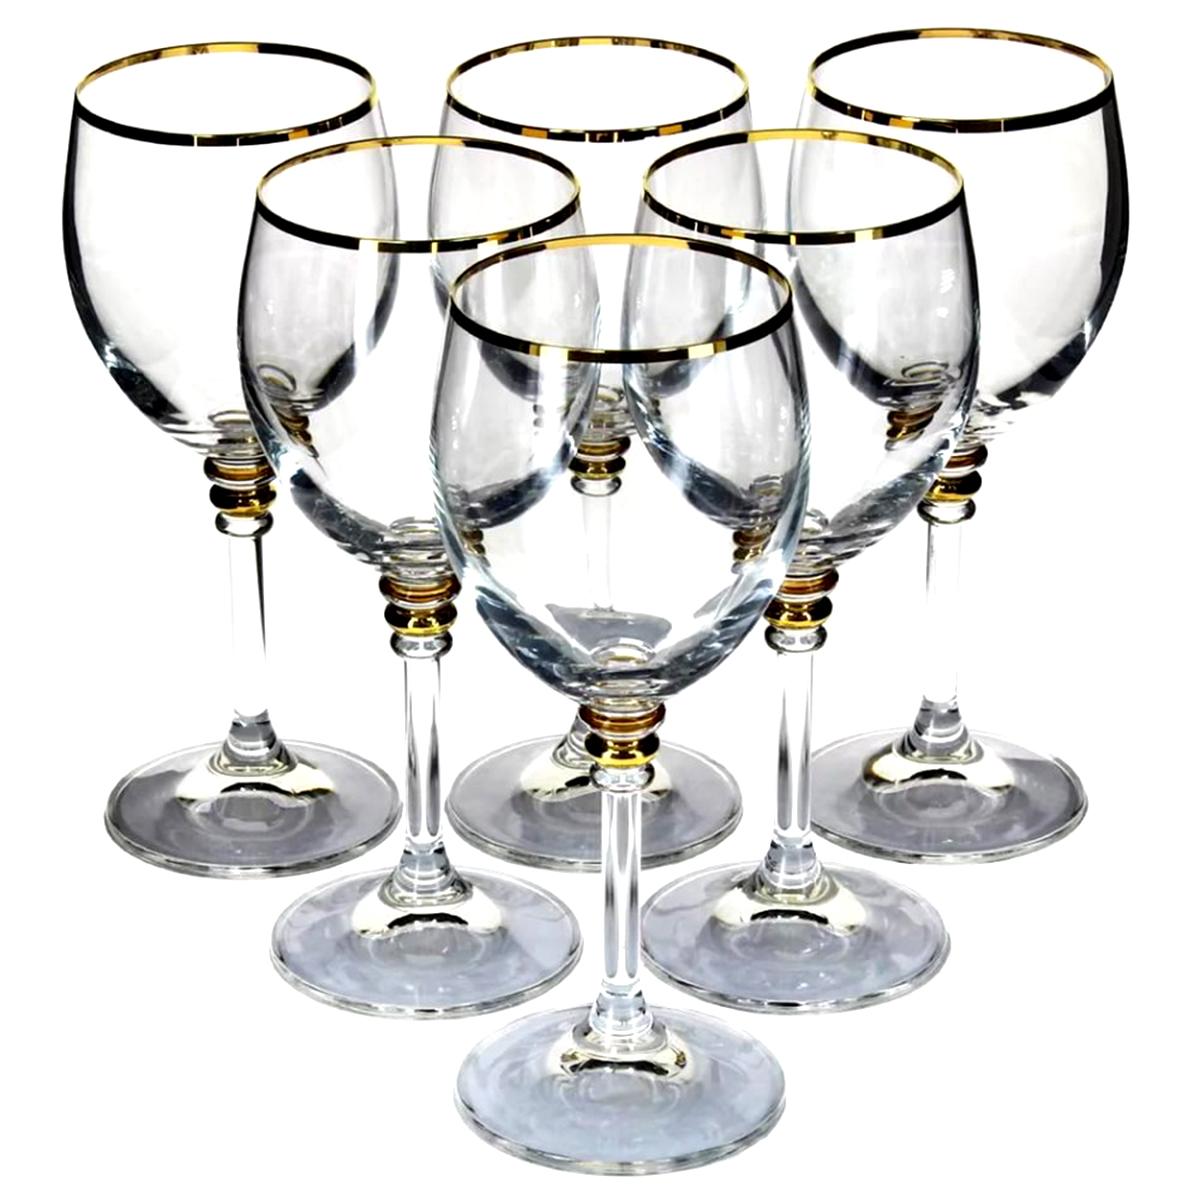 Набор бокалов для вина Bohemia Crystal Оливия, 240 мл, 6 шт набор бокалов для бренди коралл 40600 q8105 400 анжела